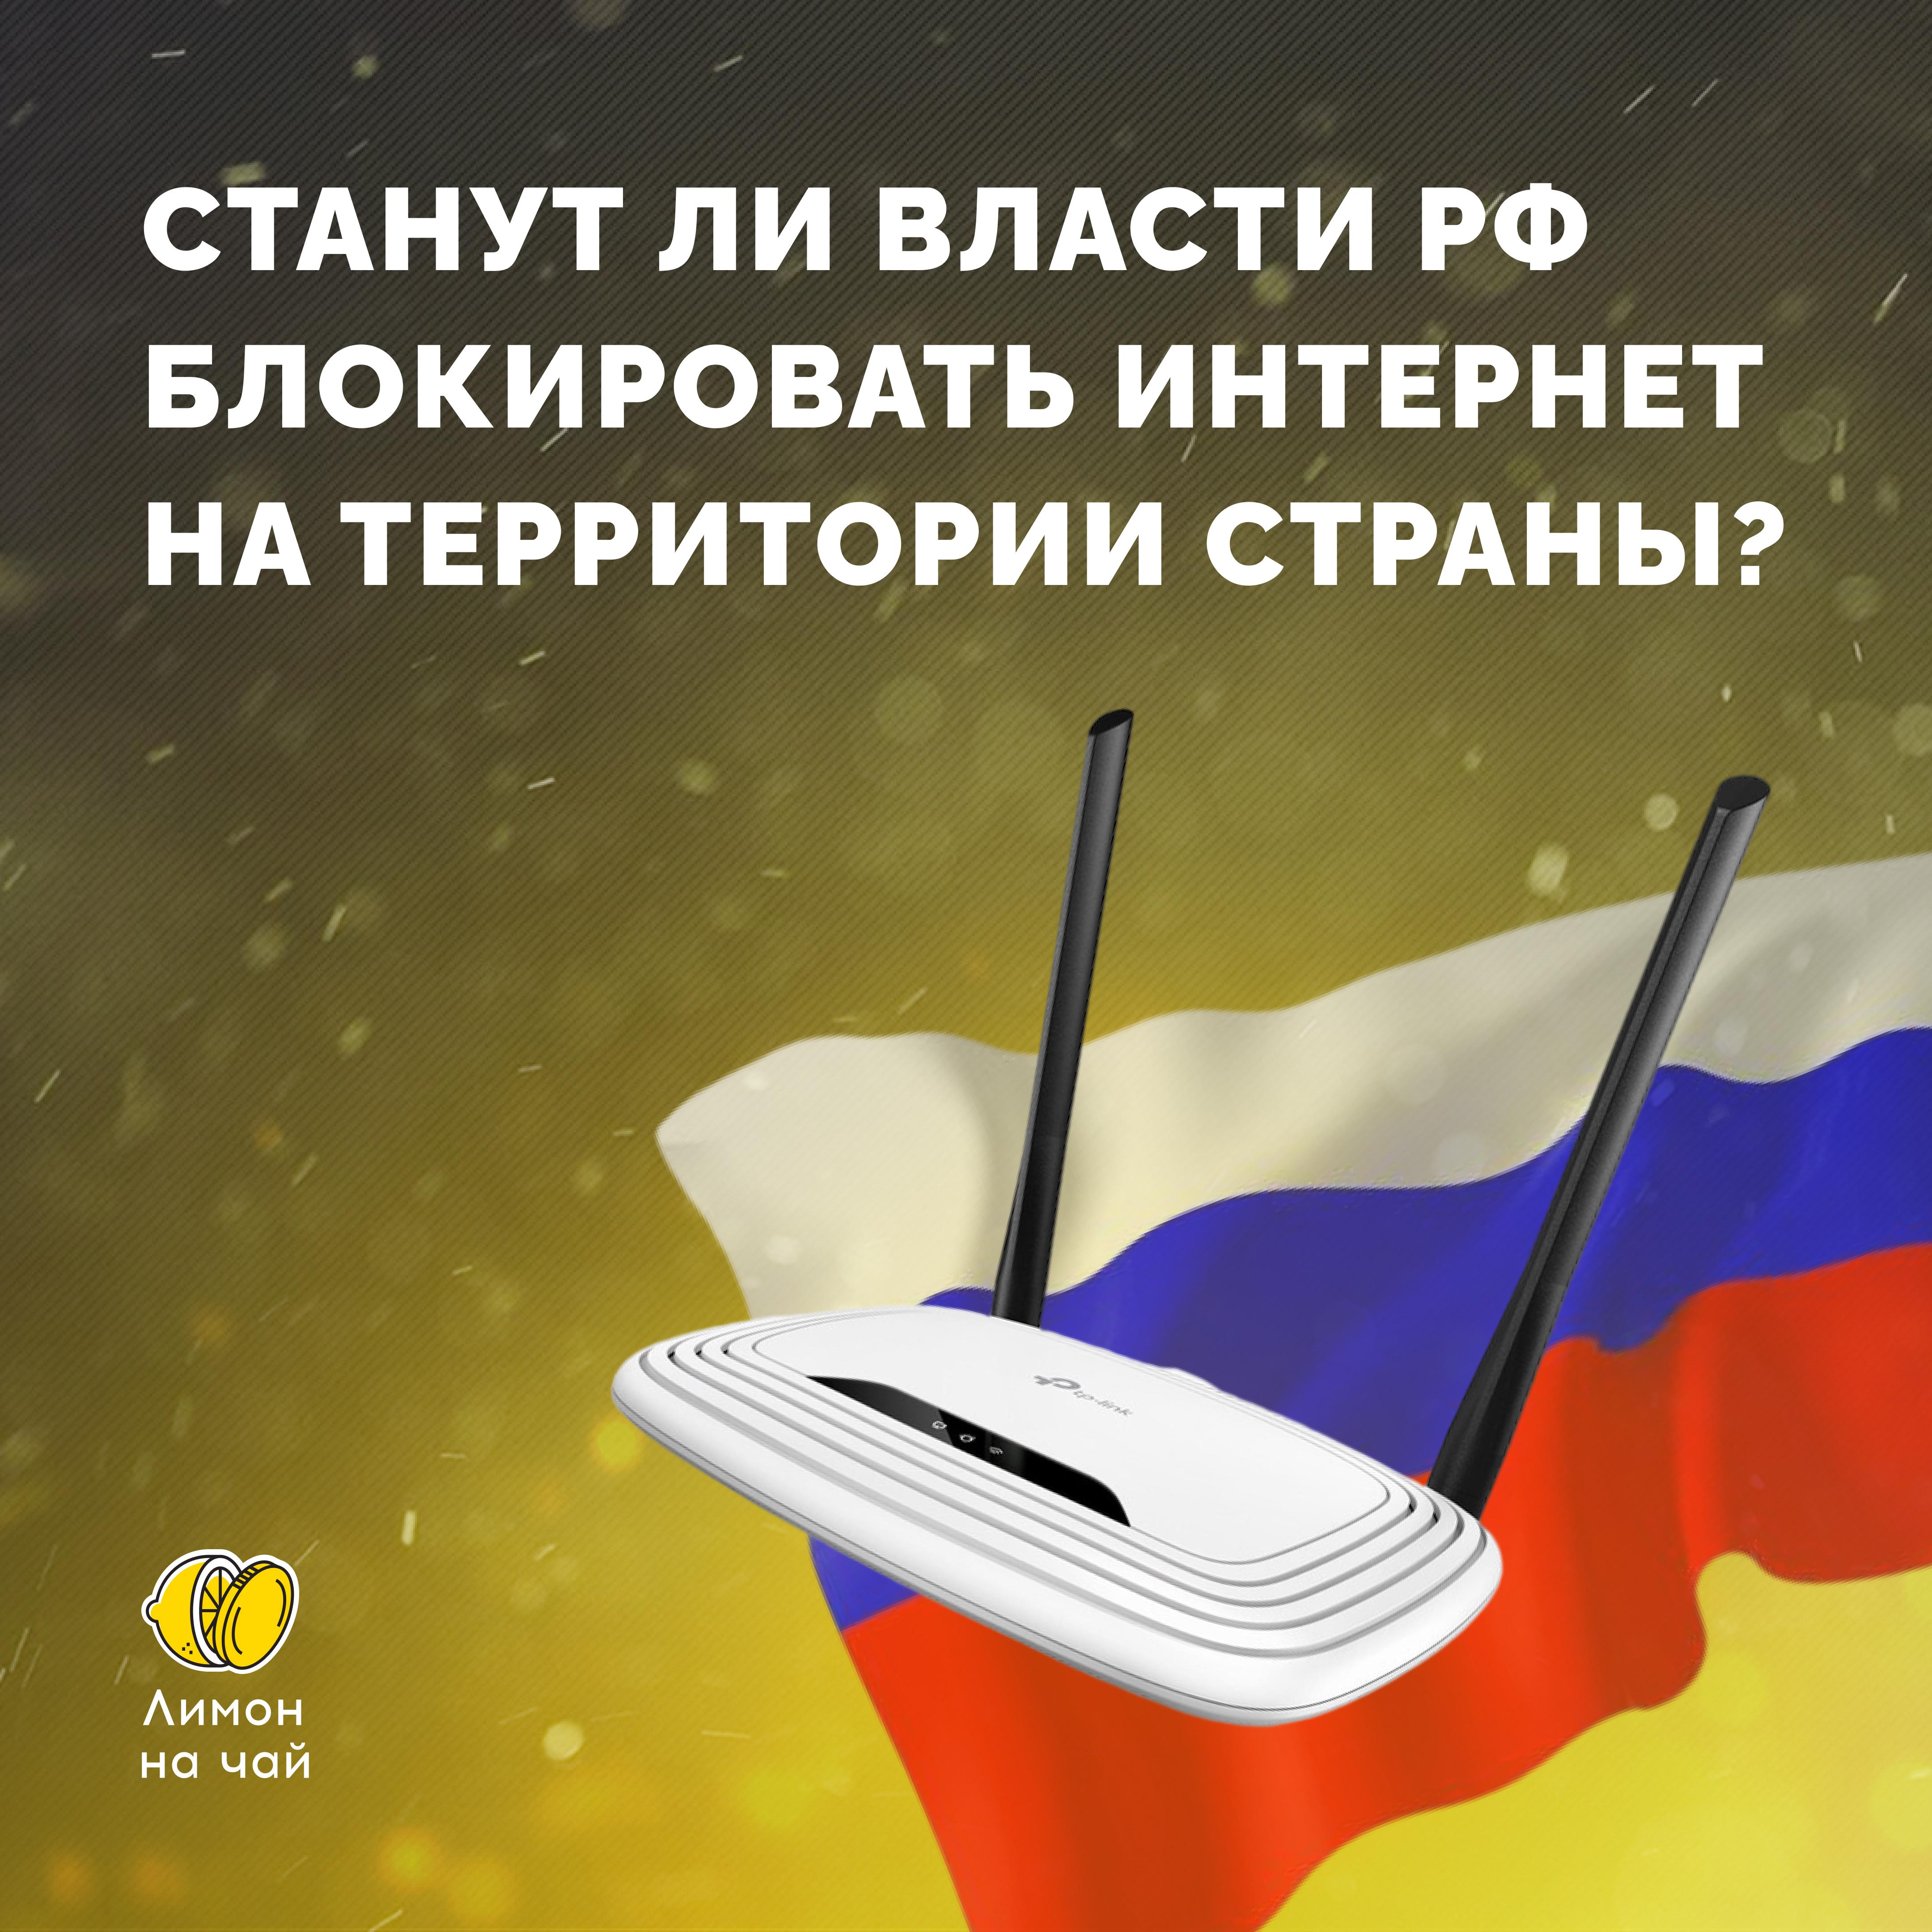 ₽31 млрд на безопасный интернет в России. Готовимся к изоляции?